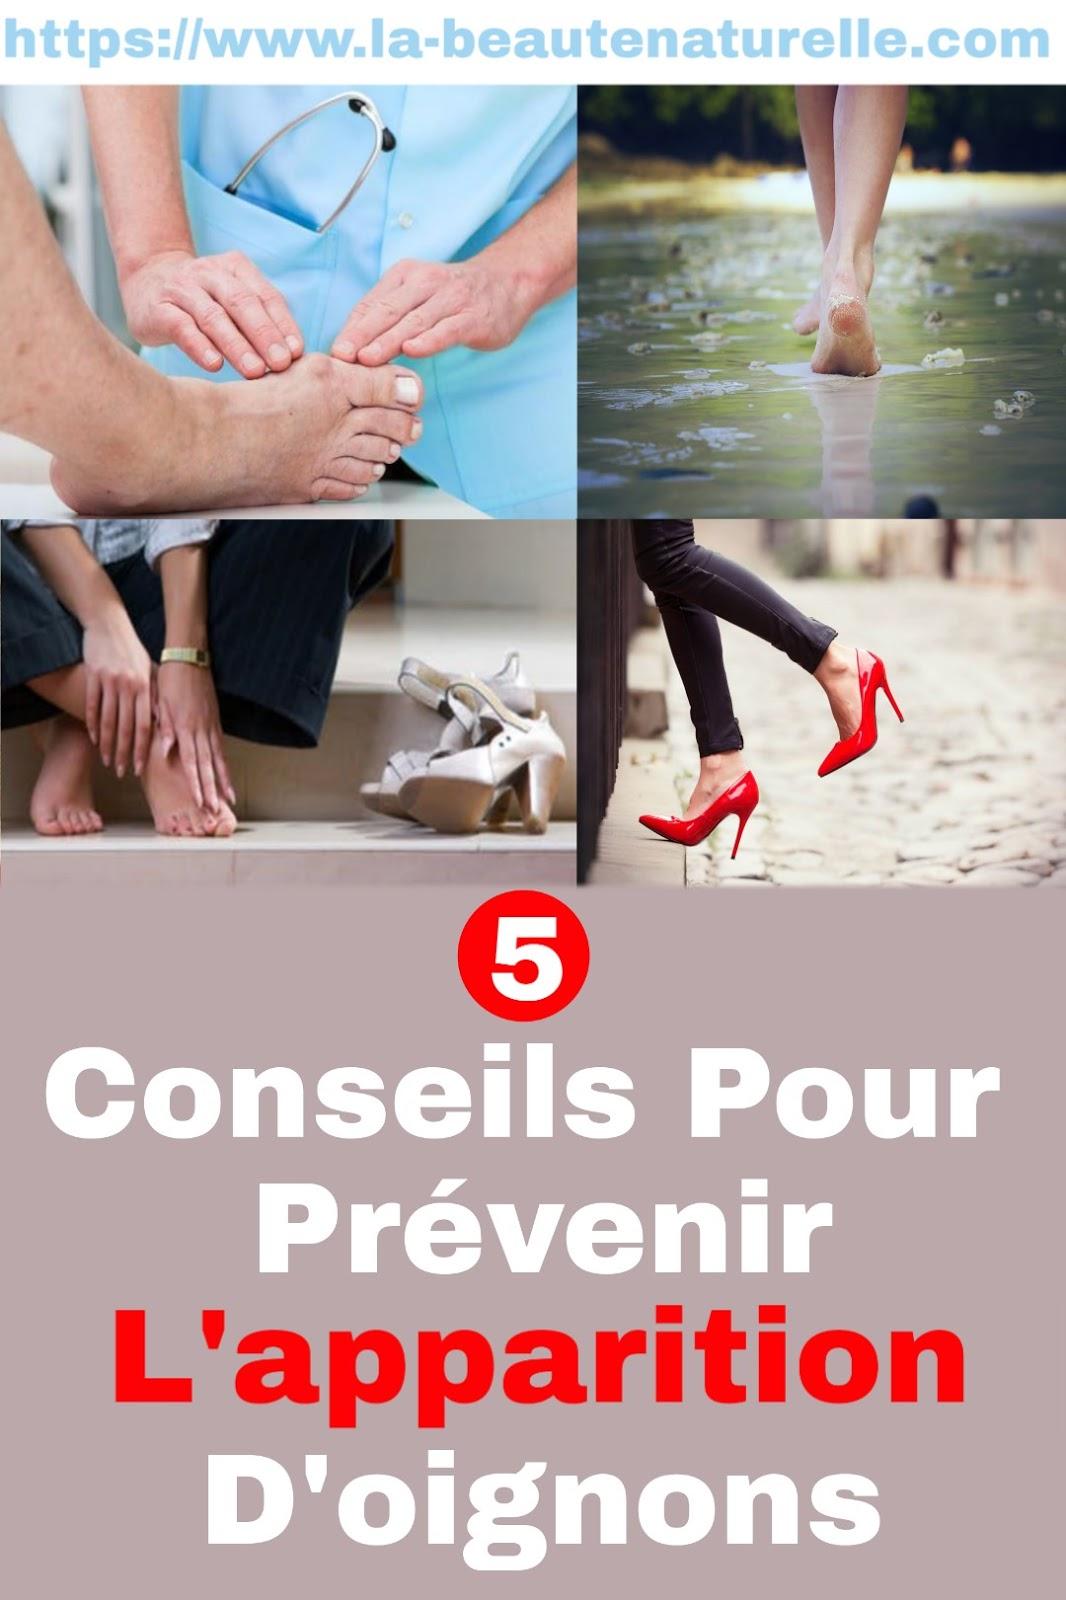 5 Conseils Pour Prévenir L'apparition D'oignons